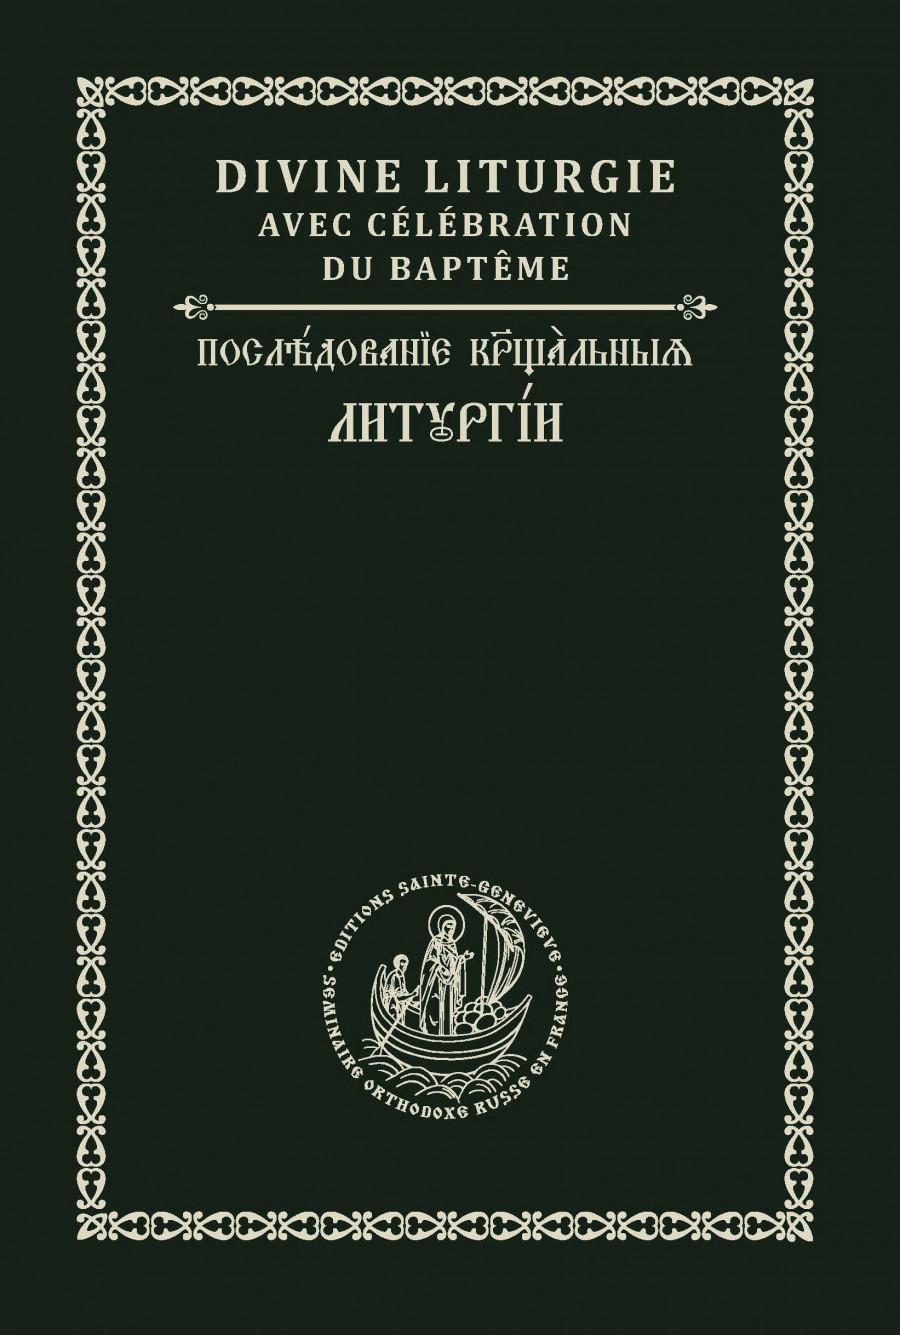 Обложка текста крещальной литургии на французском и церковнославянском языках